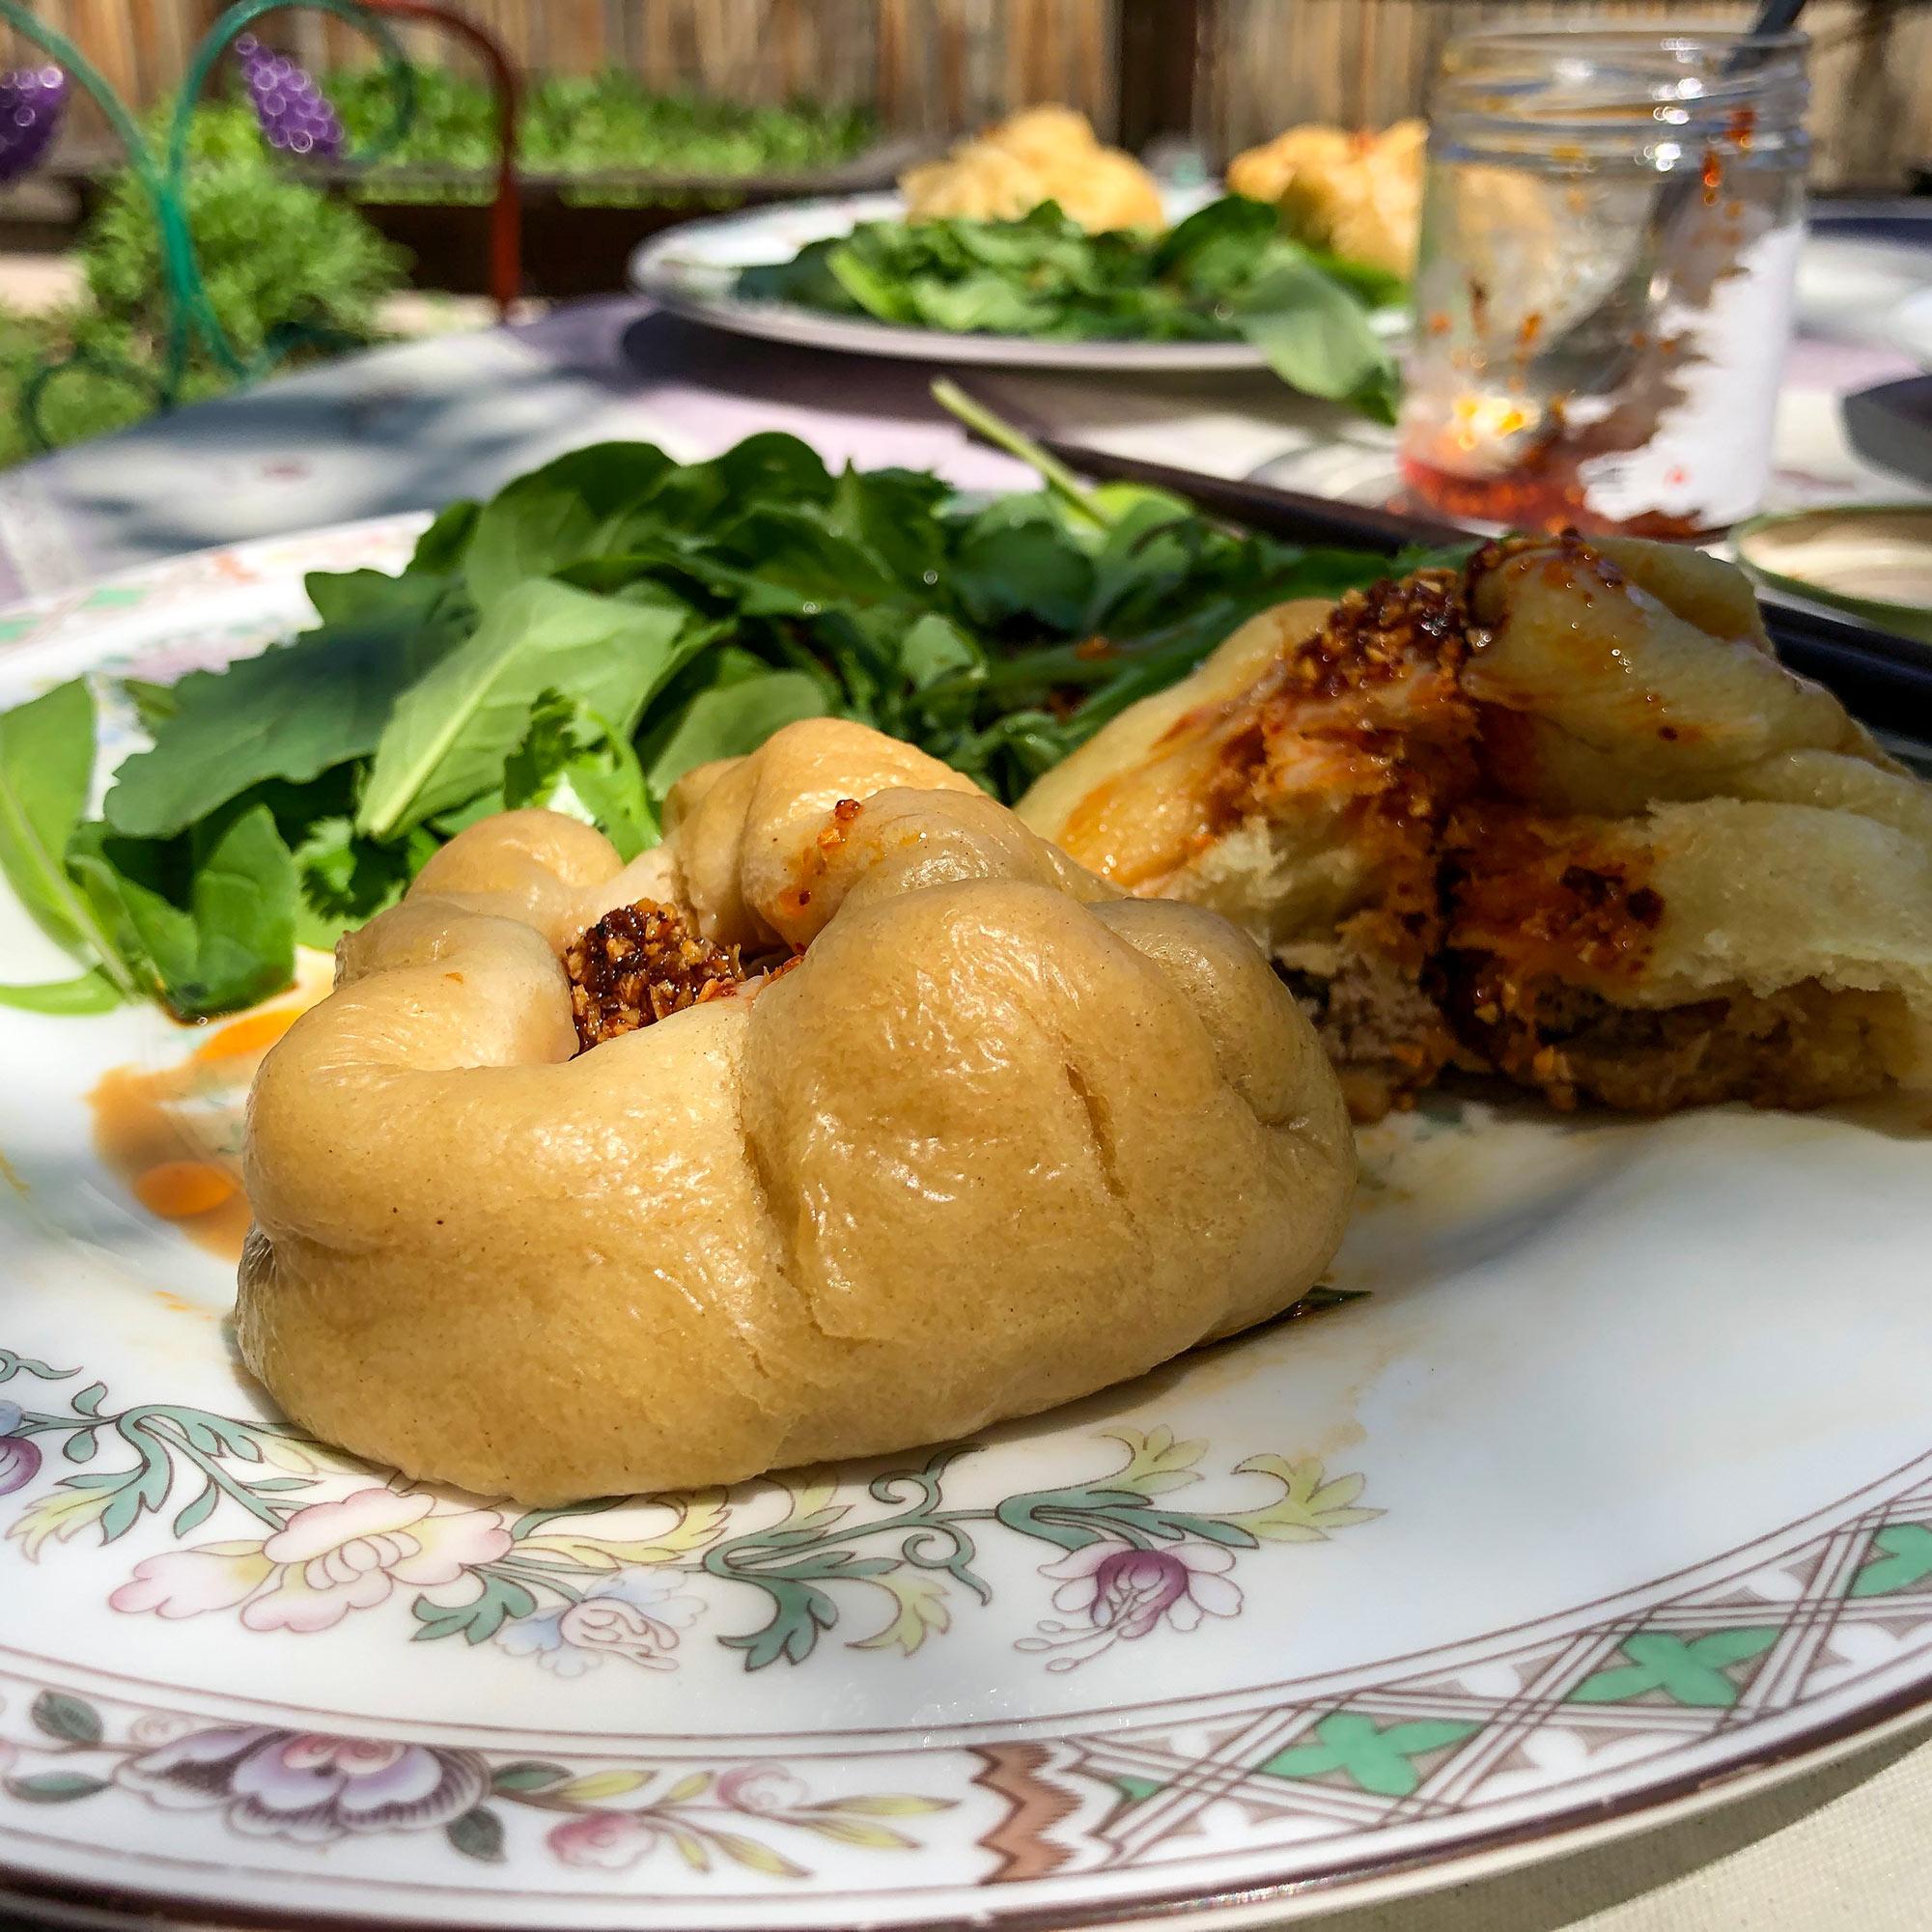 Bao buns with salad